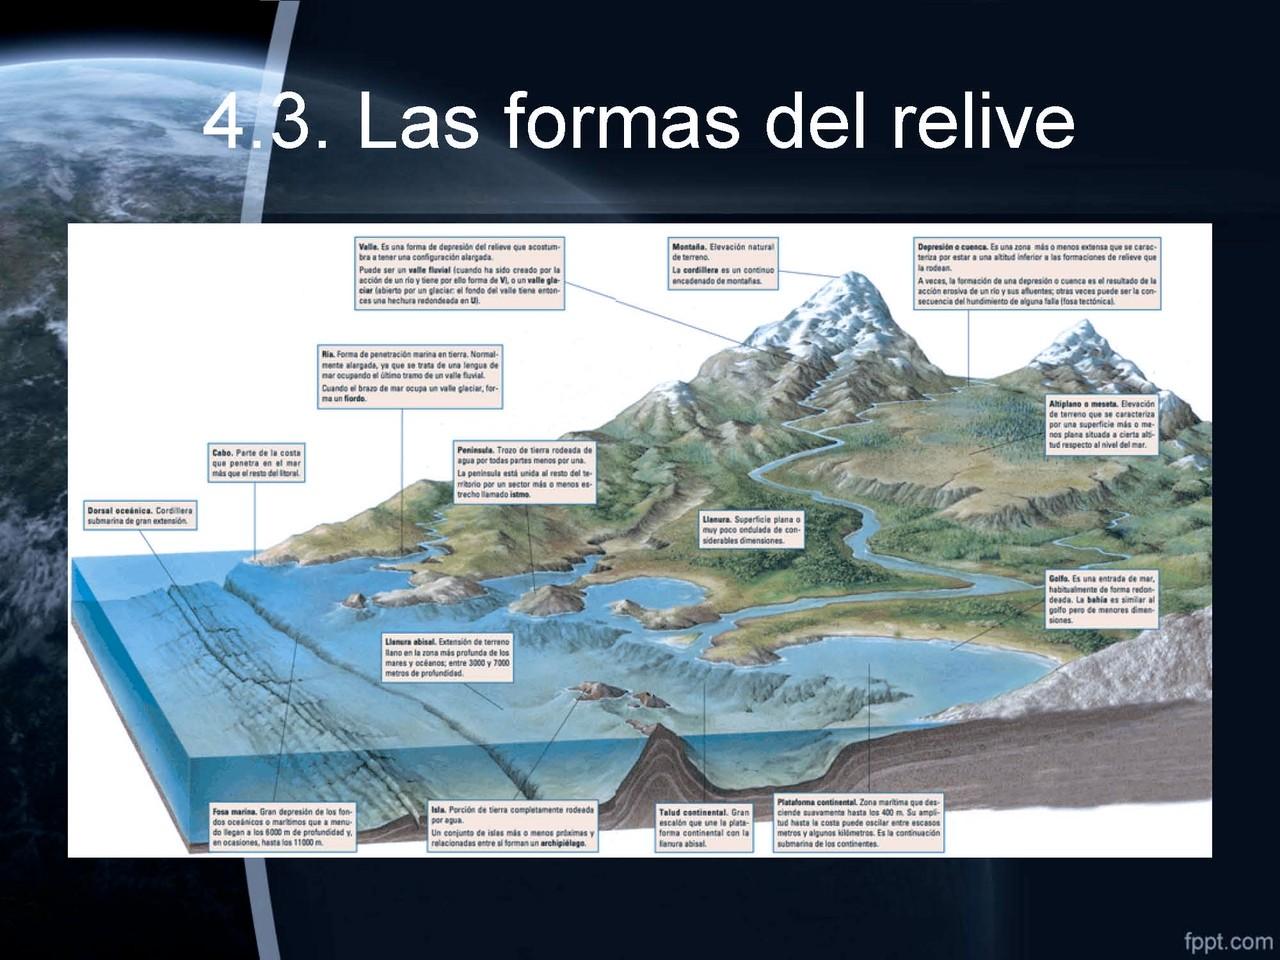 Formas topográficas del relieve